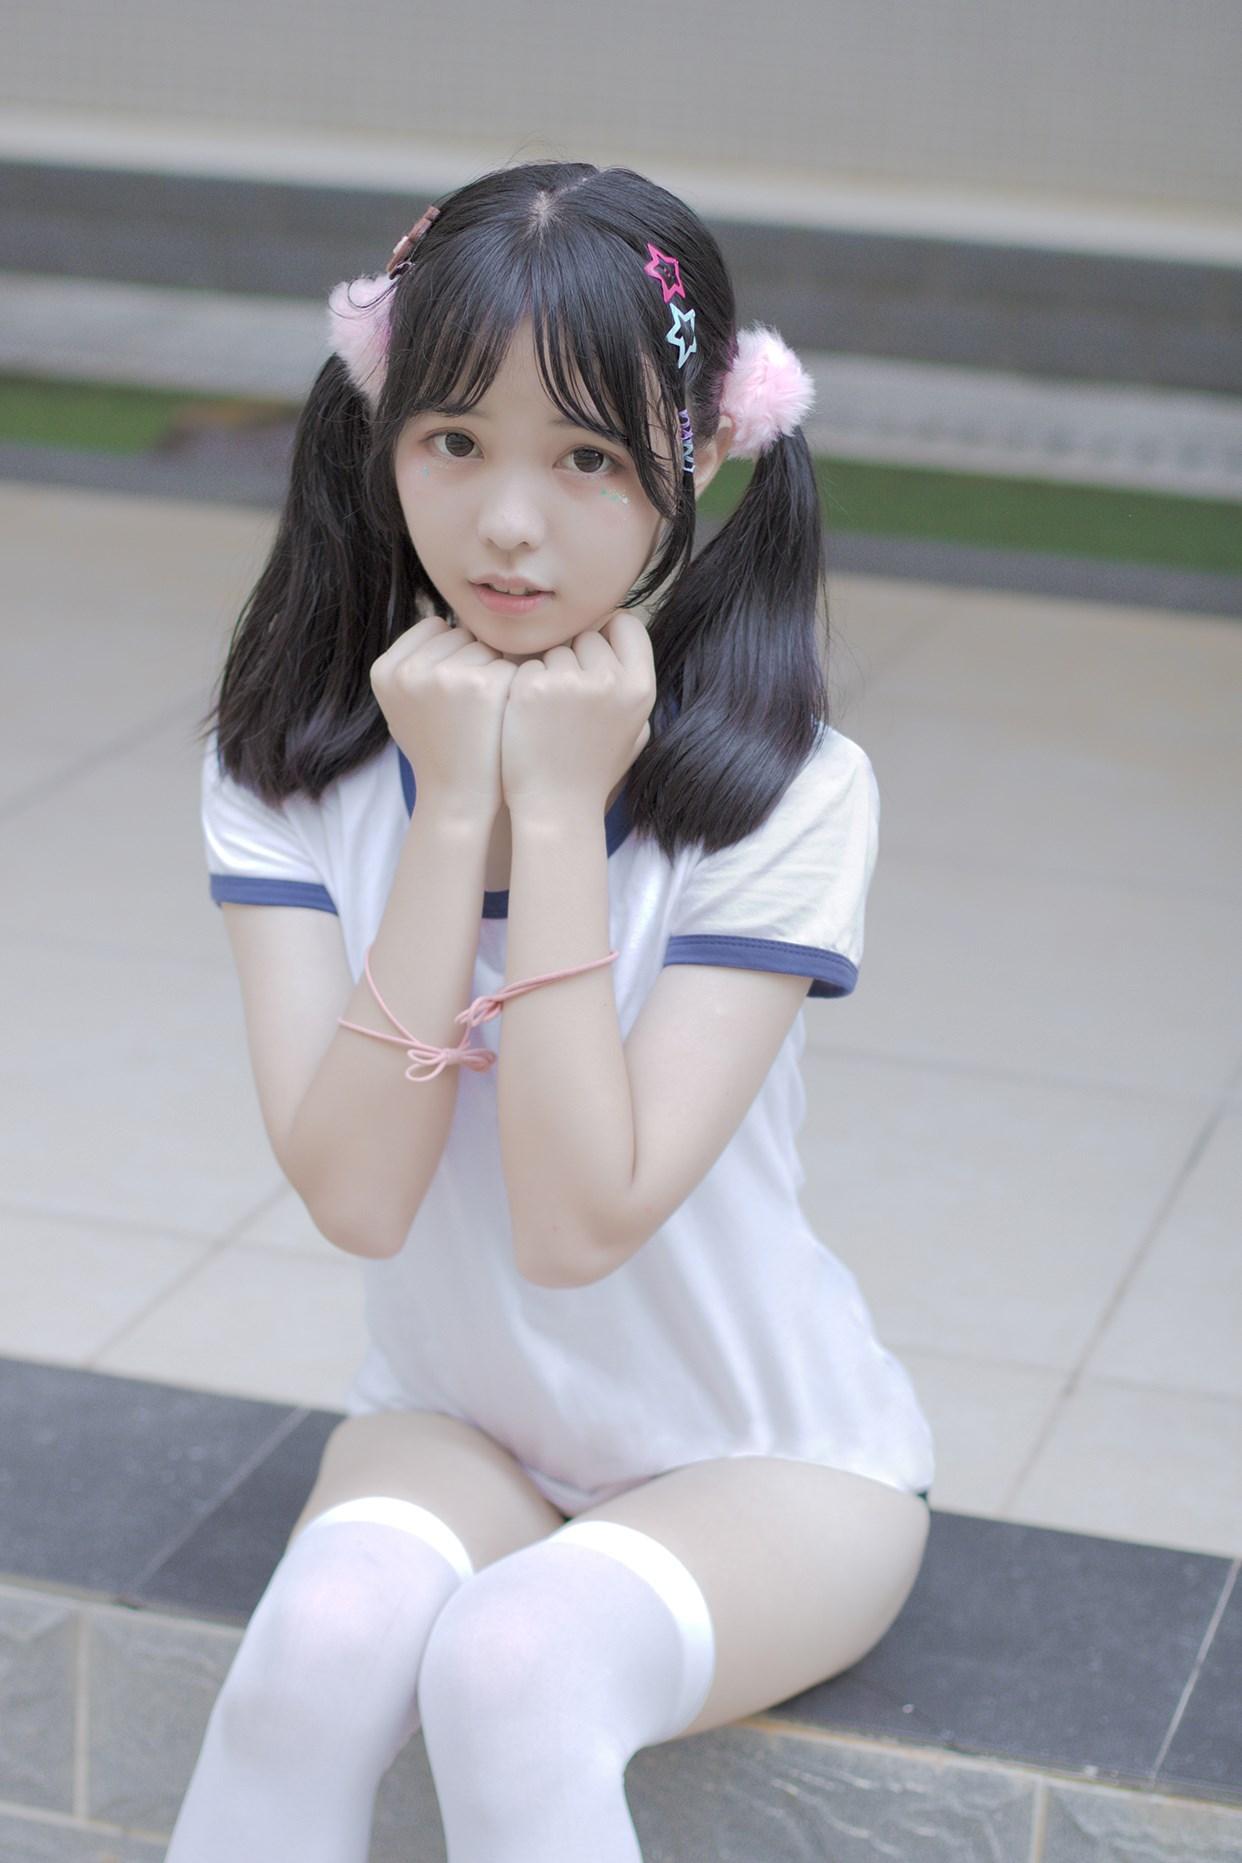 【兔玩映画】萝莉的体操服 兔玩映画 第18张